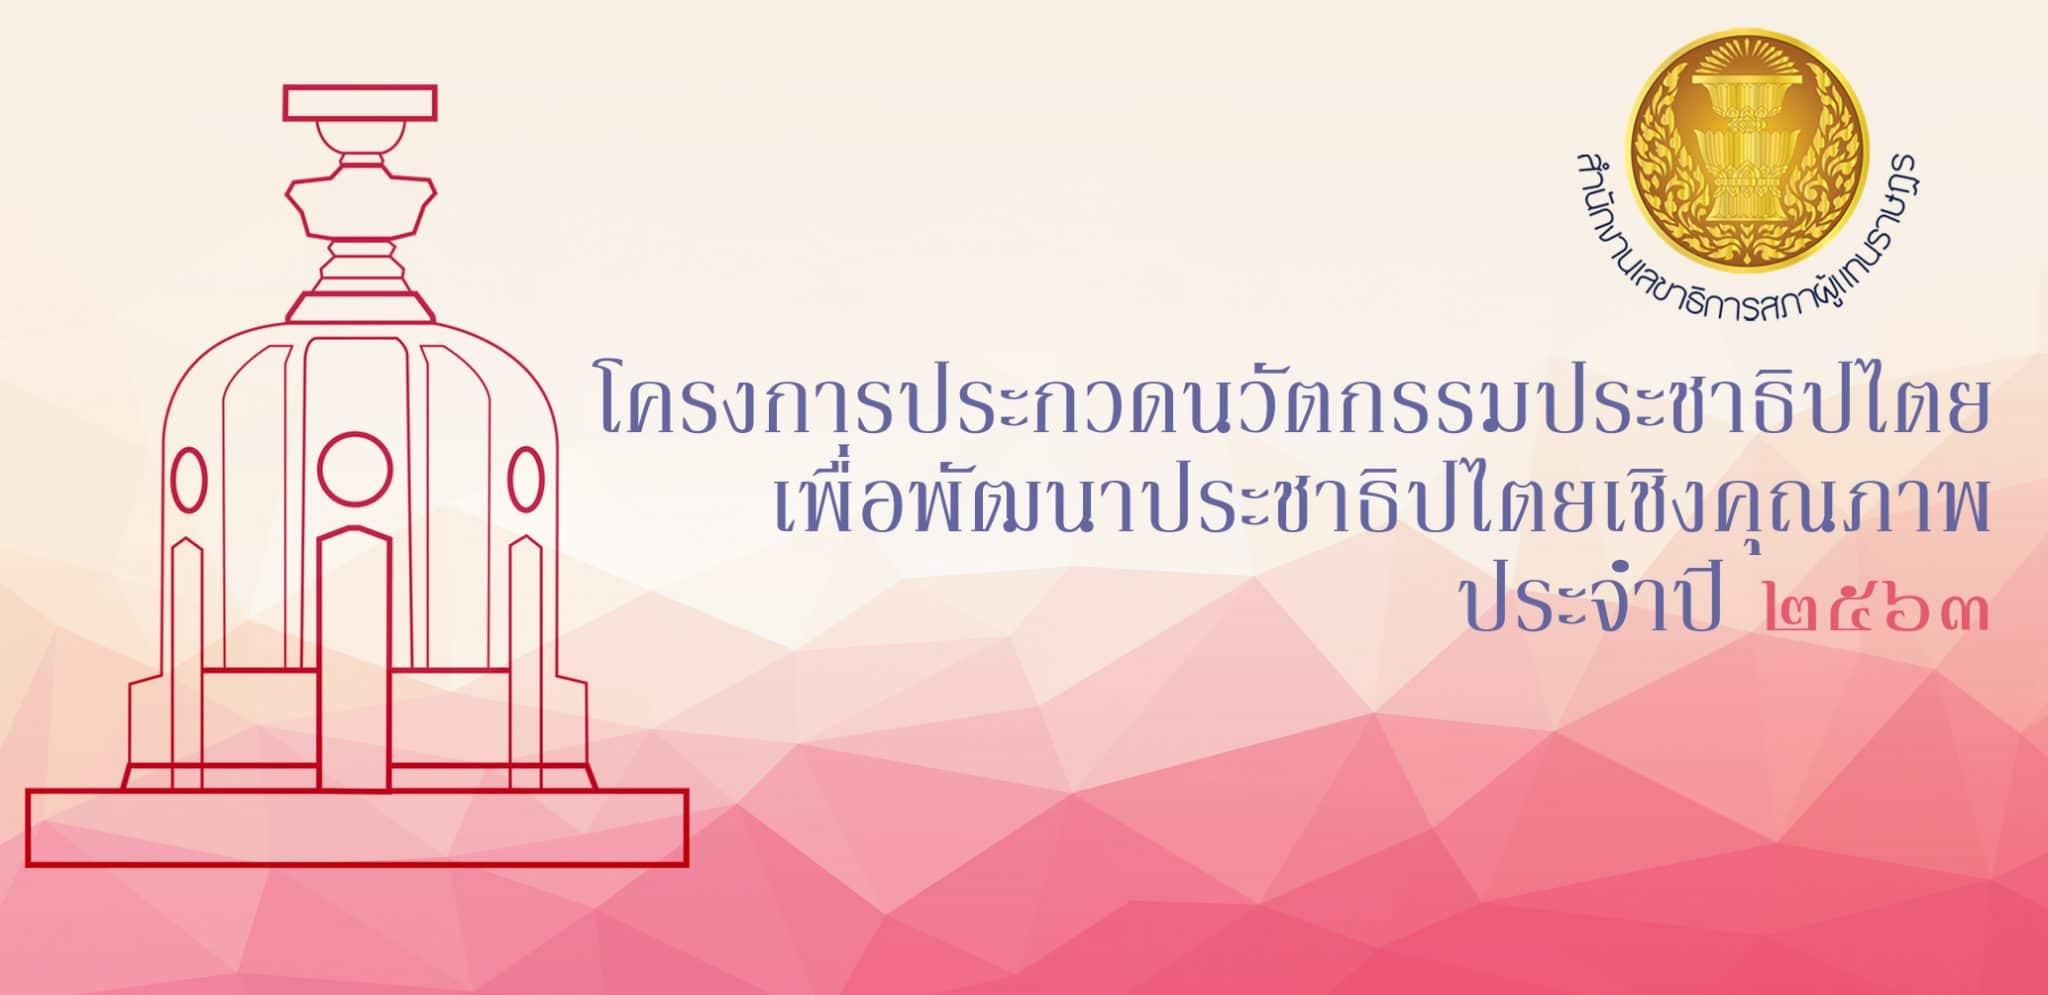 ประกาศผลการตัดสินผลงานนวัตกรรมเพื่อการพัฒนาประชาธิปไตย รอบชิงชนะเลิศ ปี 2563